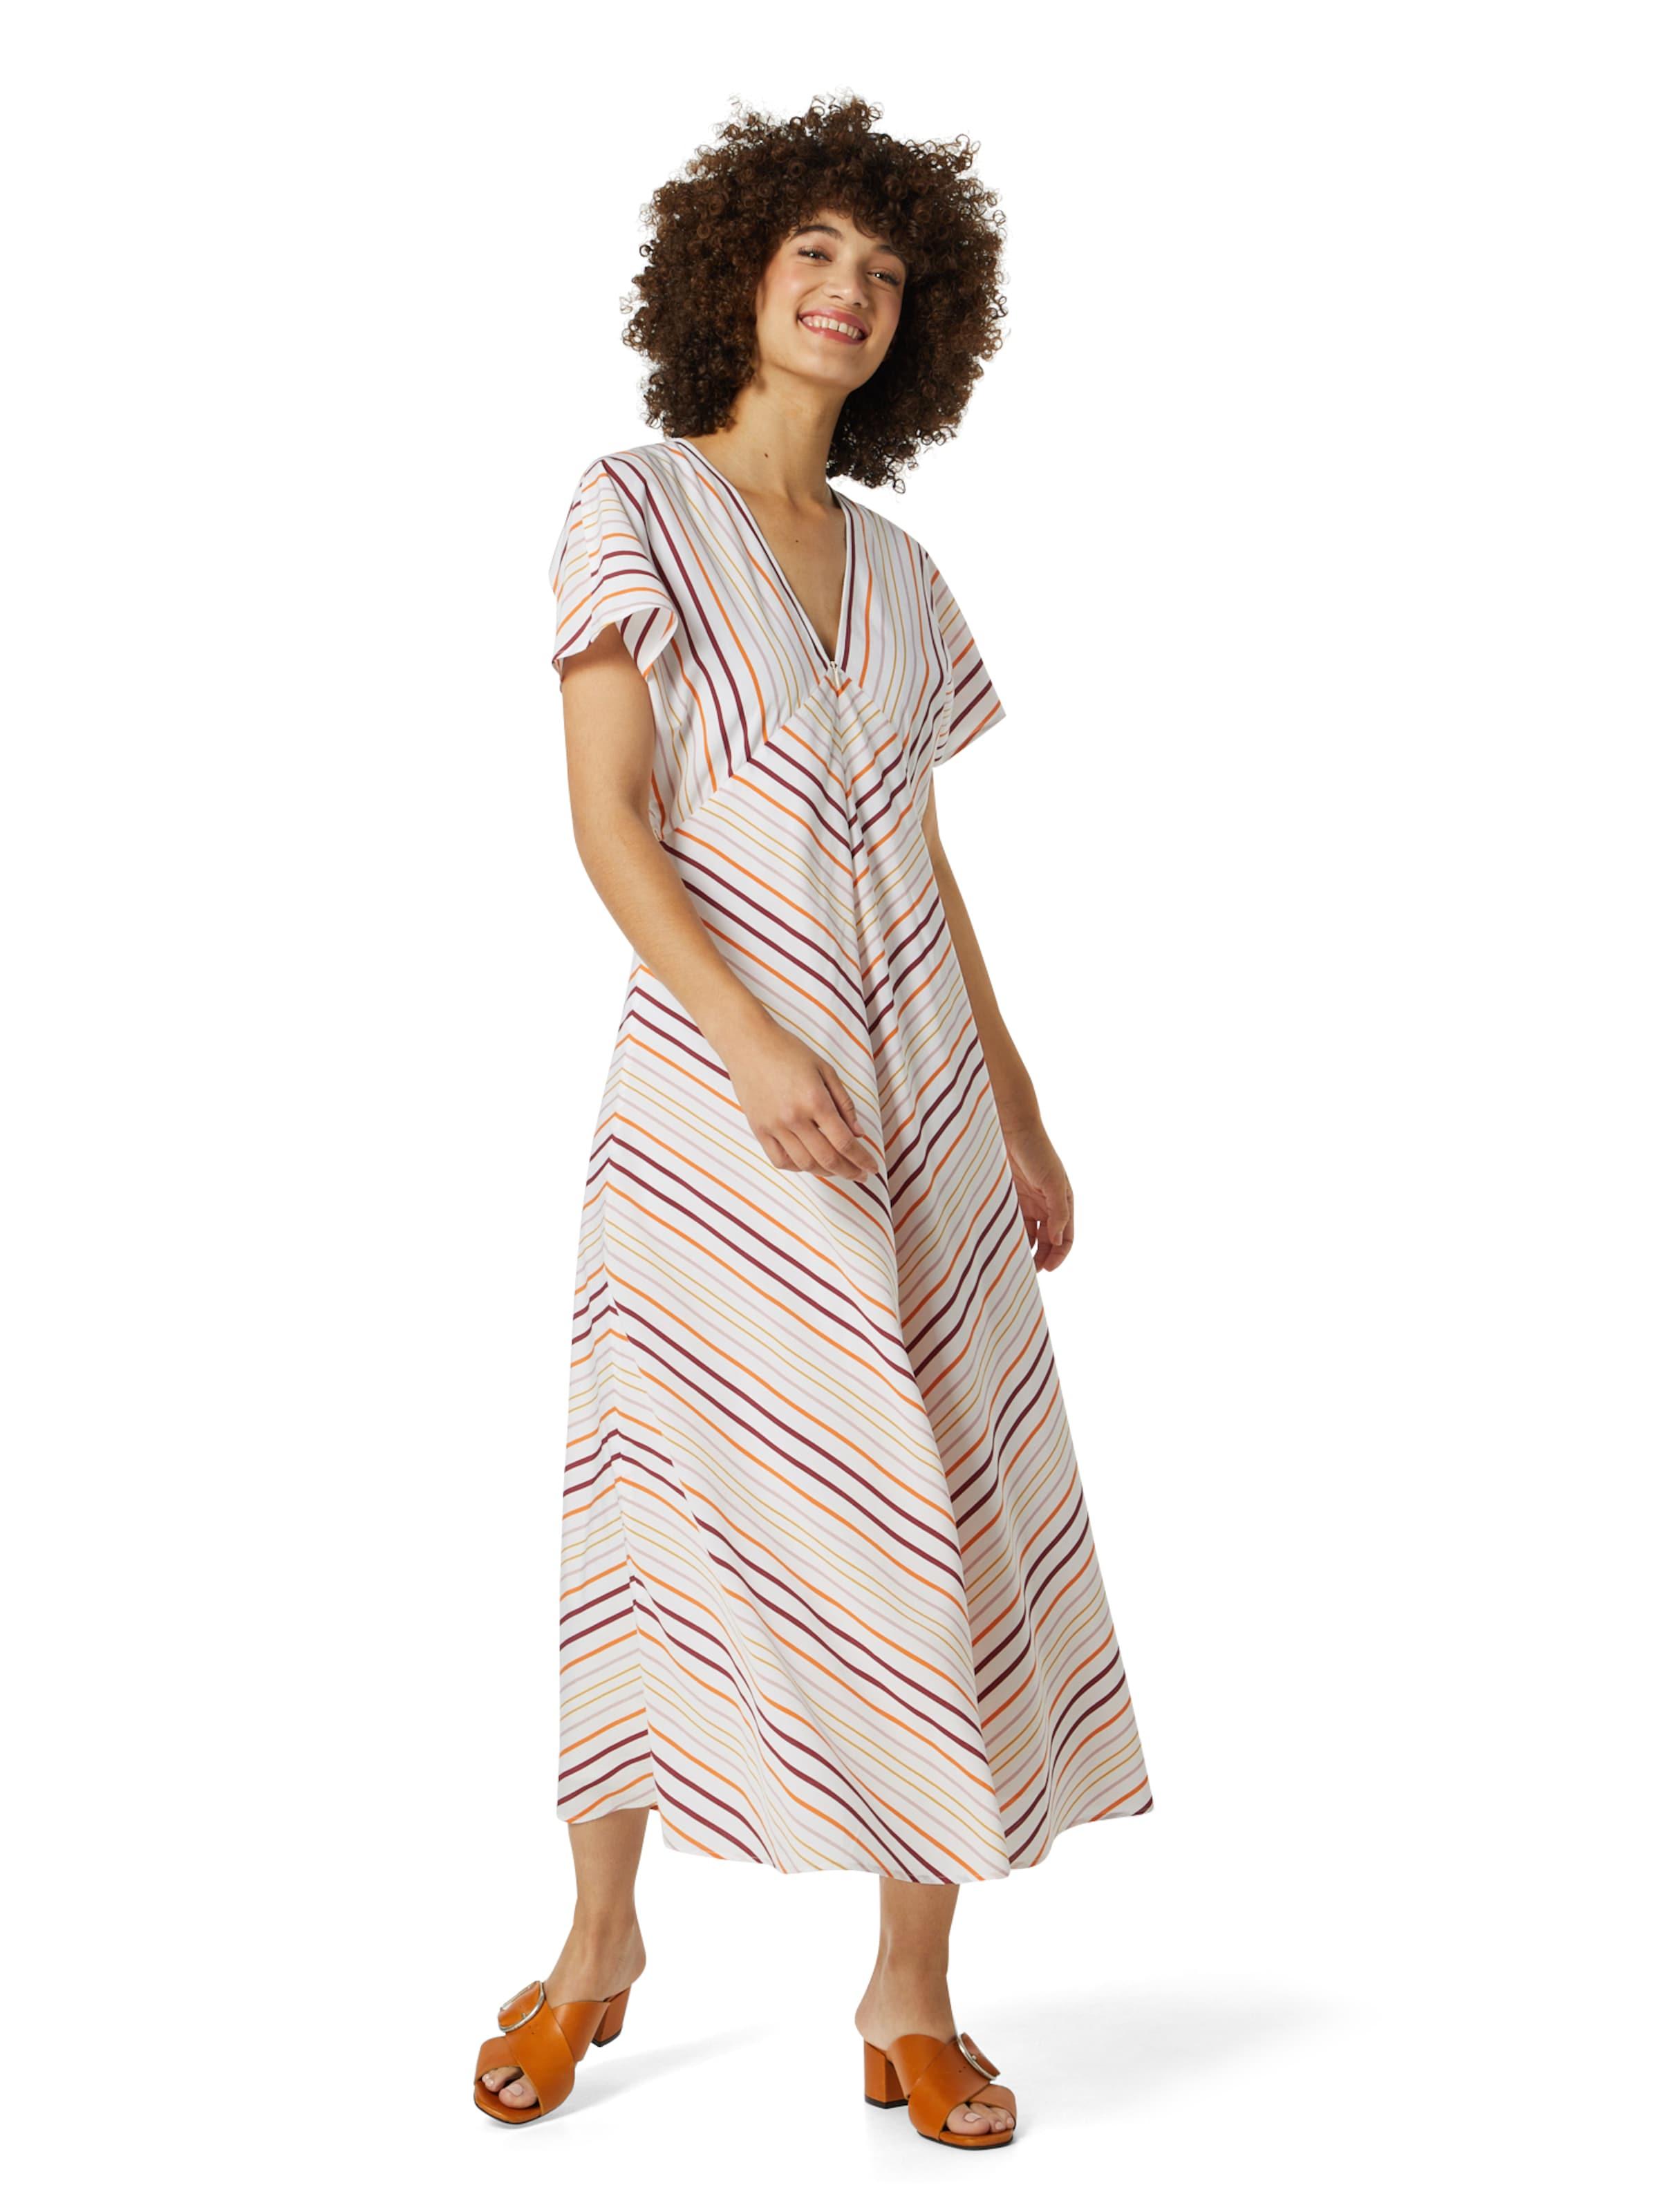 Kleider Drykorn Drykorn Kleider 'briana' In Altrosa BWdorxQCe